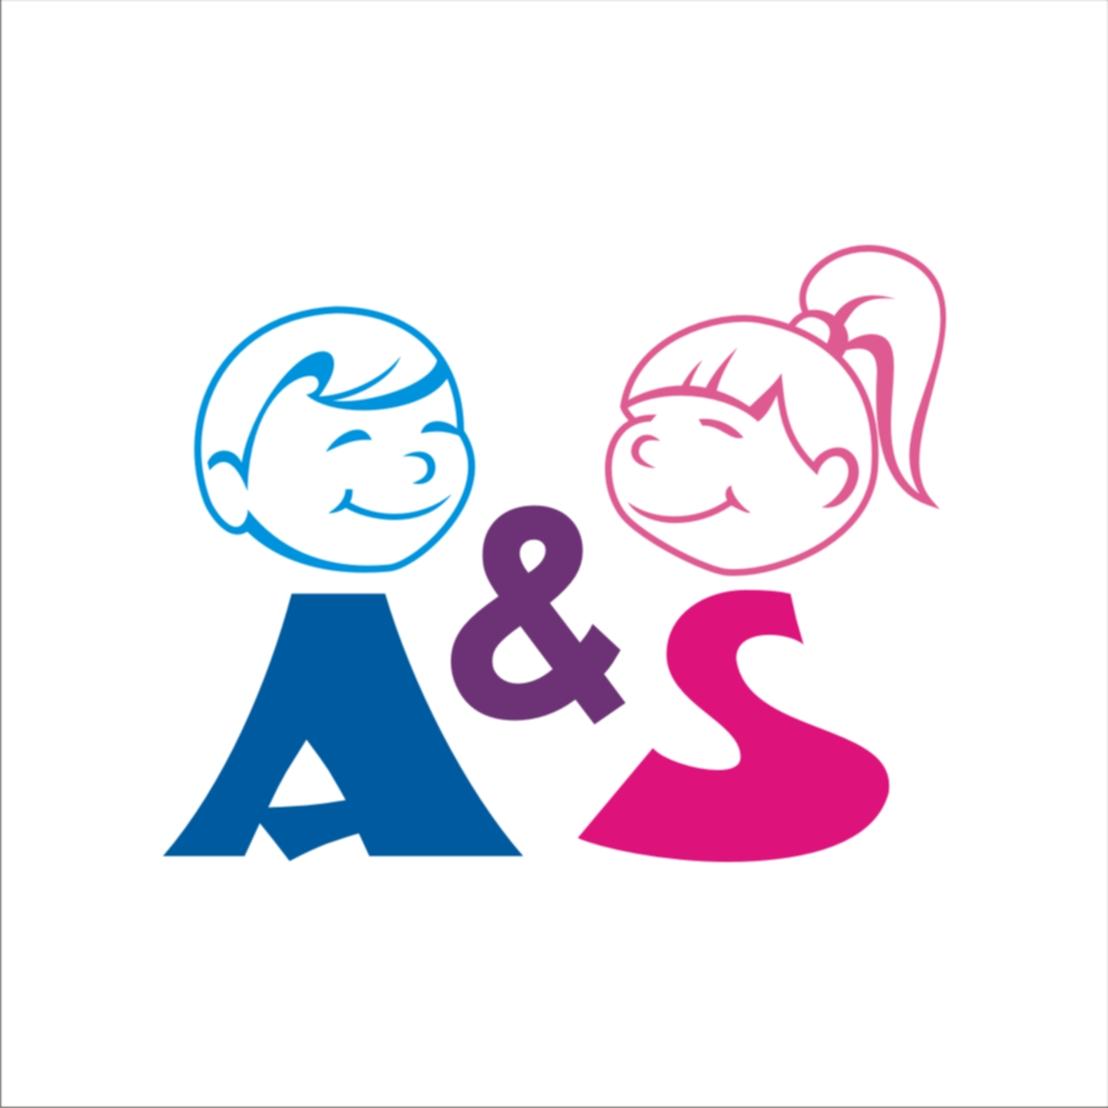 Логотип и вывеска для магазина детской одежды фото f_4c852cc3e4981.jpg